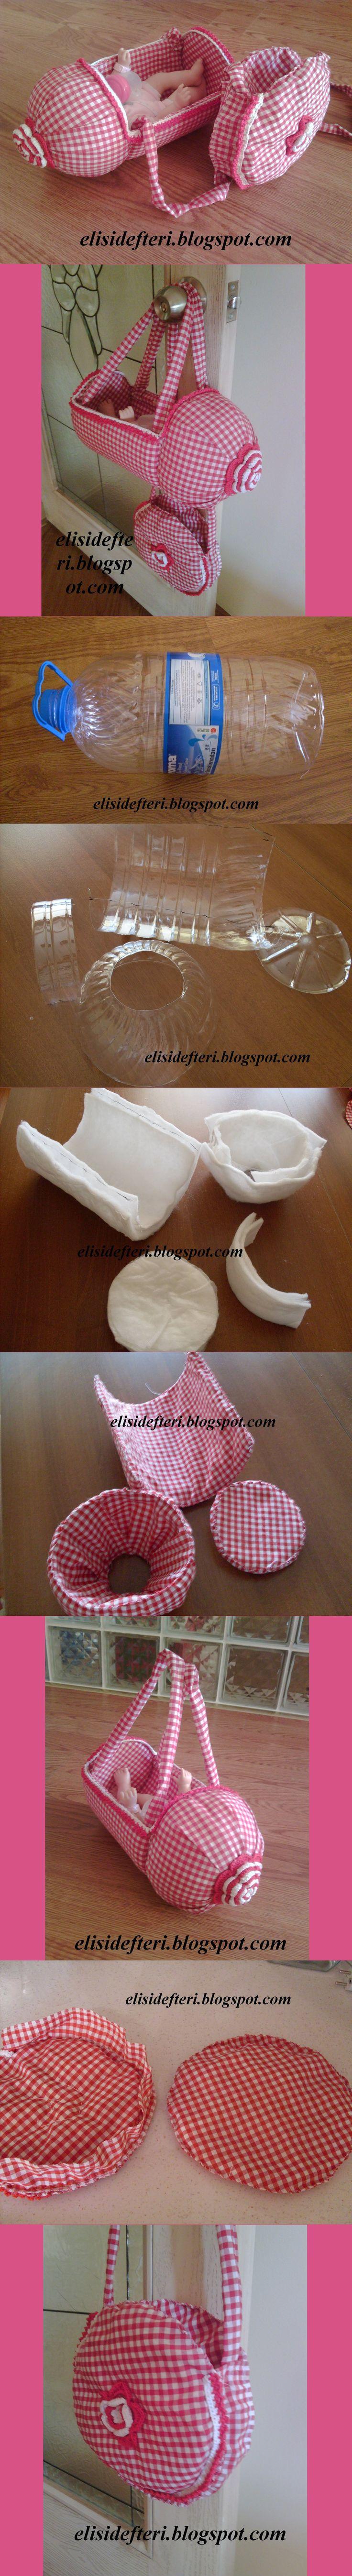 Elişi Defteri: Pet şişeden oyuncak bebek puseti ve malzeme çantası